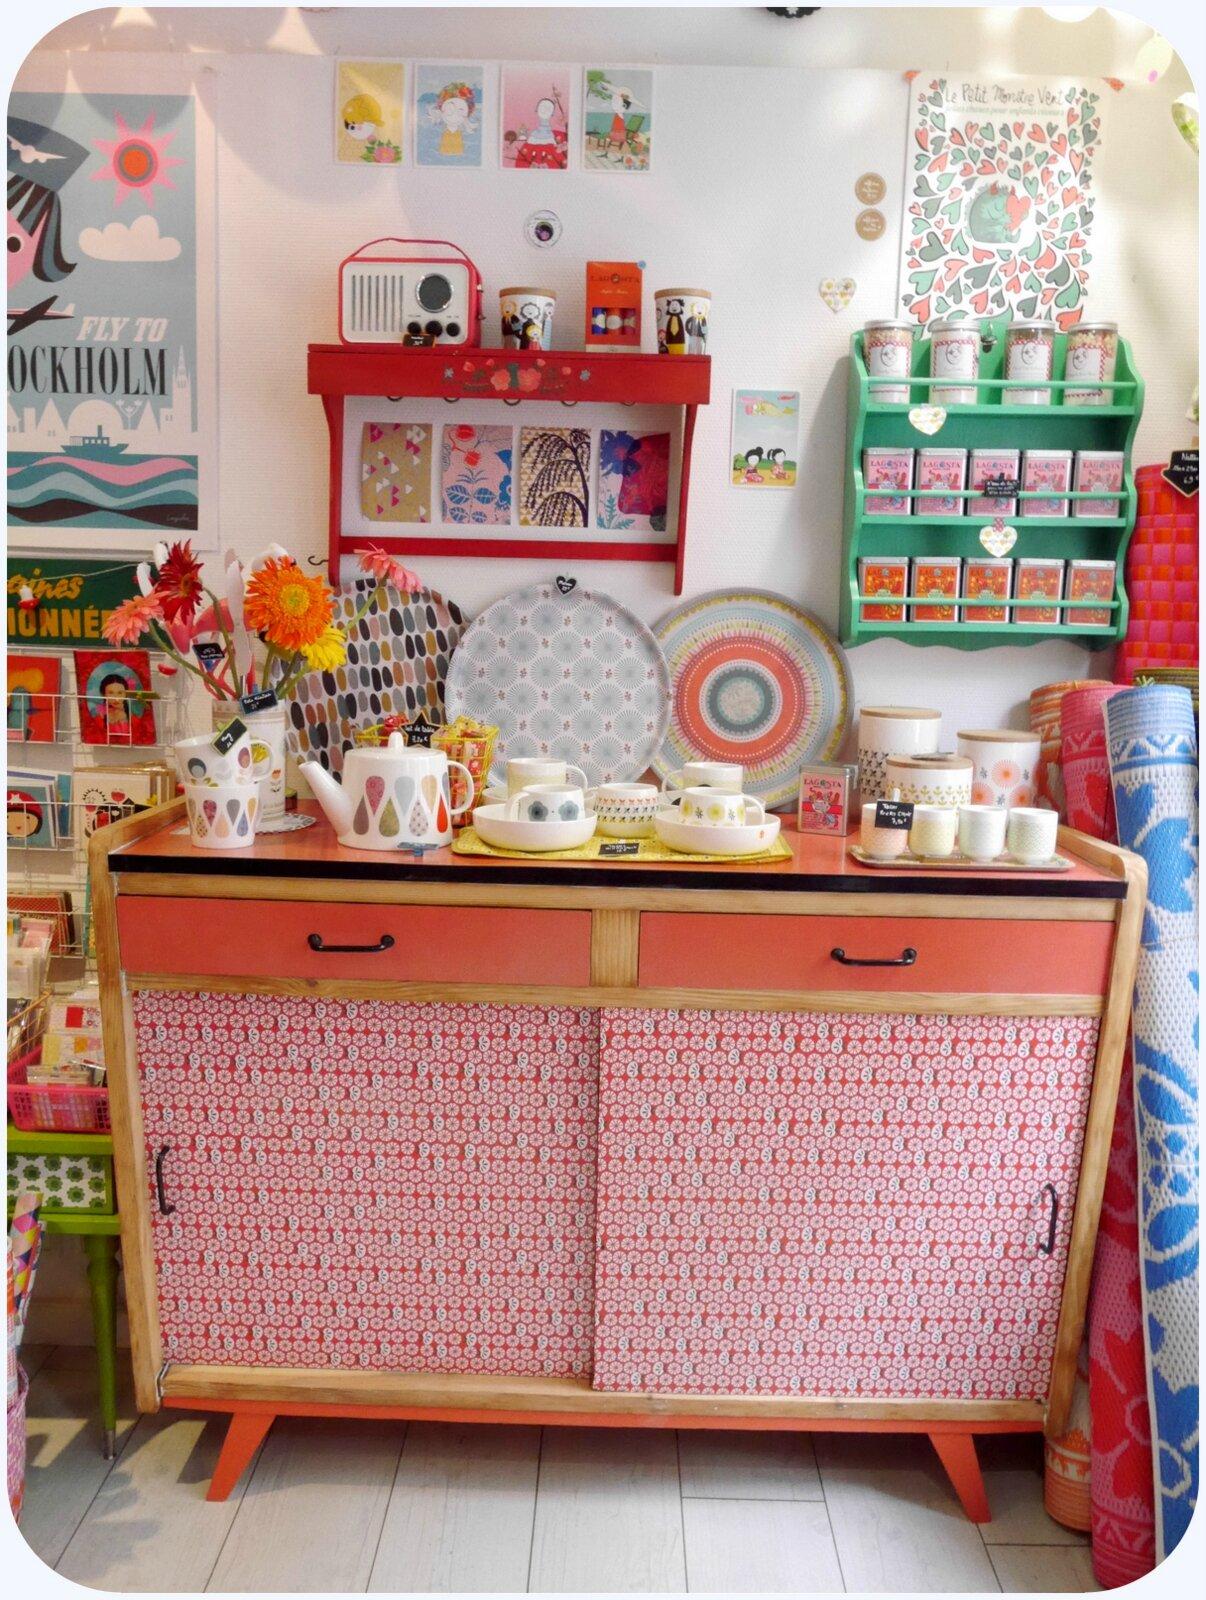 meuble rouge photo de mobilier boutique paillette angers. Black Bedroom Furniture Sets. Home Design Ideas